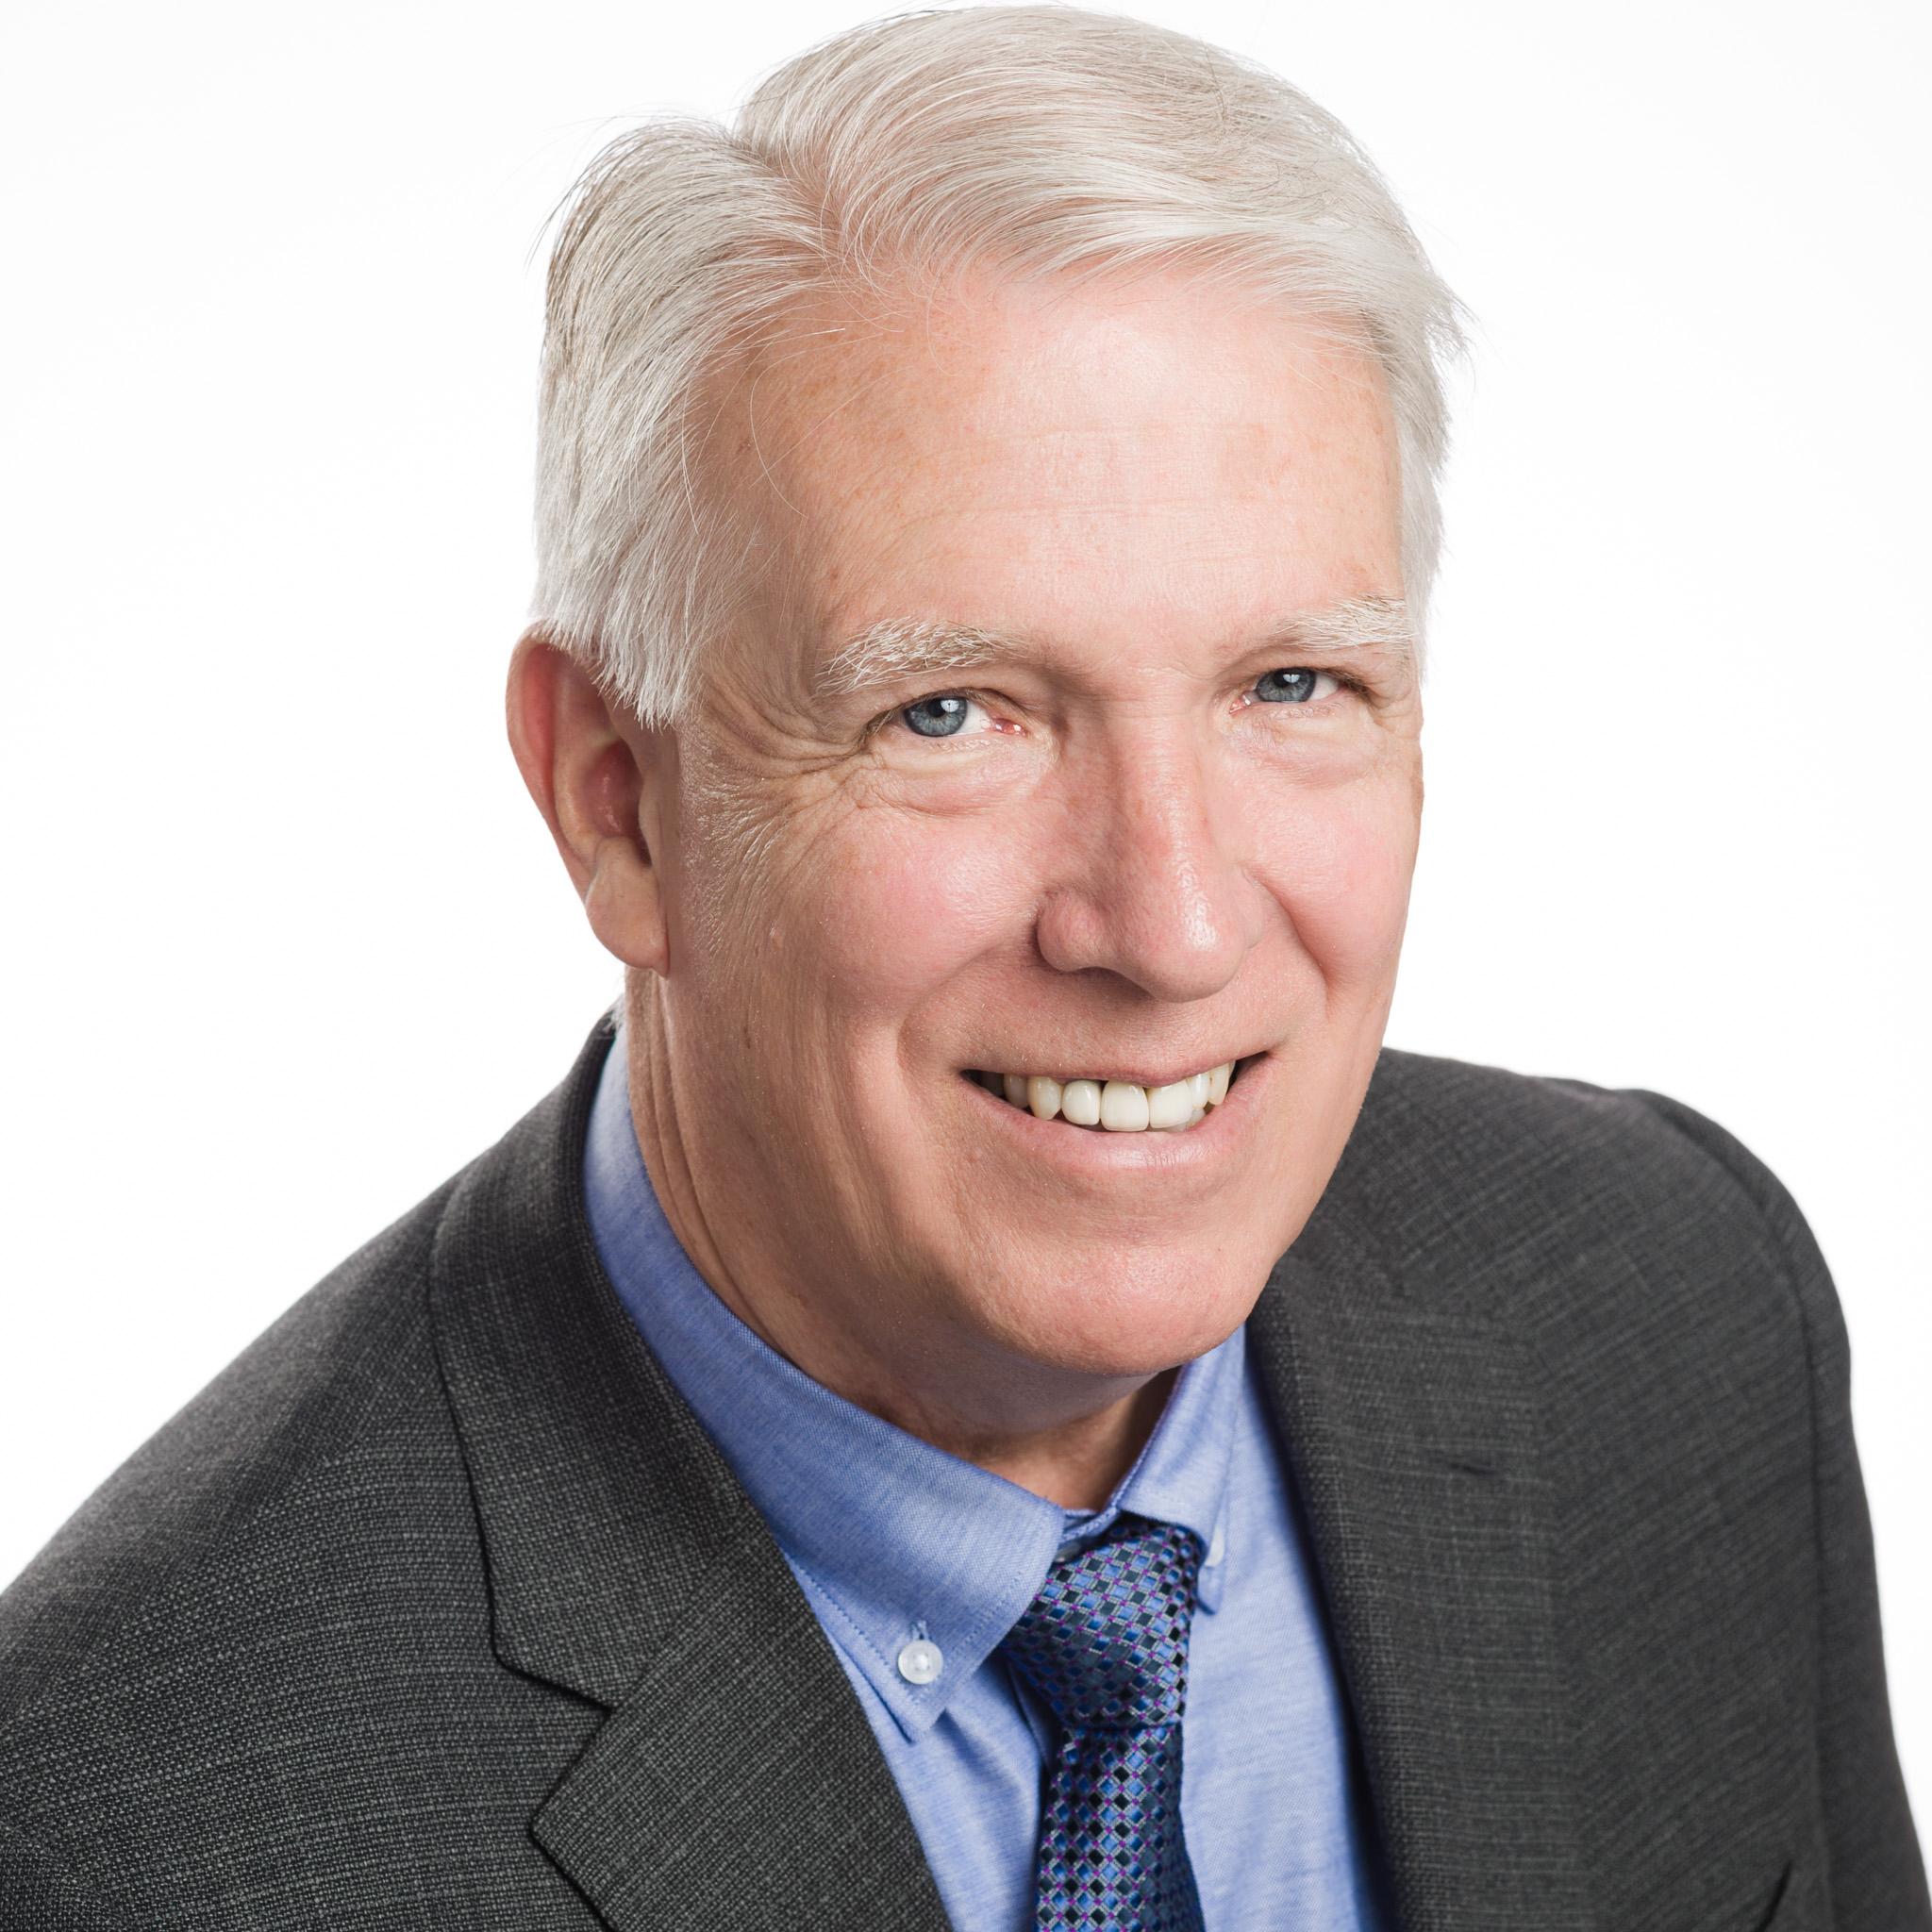 Bryan Foxley, loan originator, Greystone